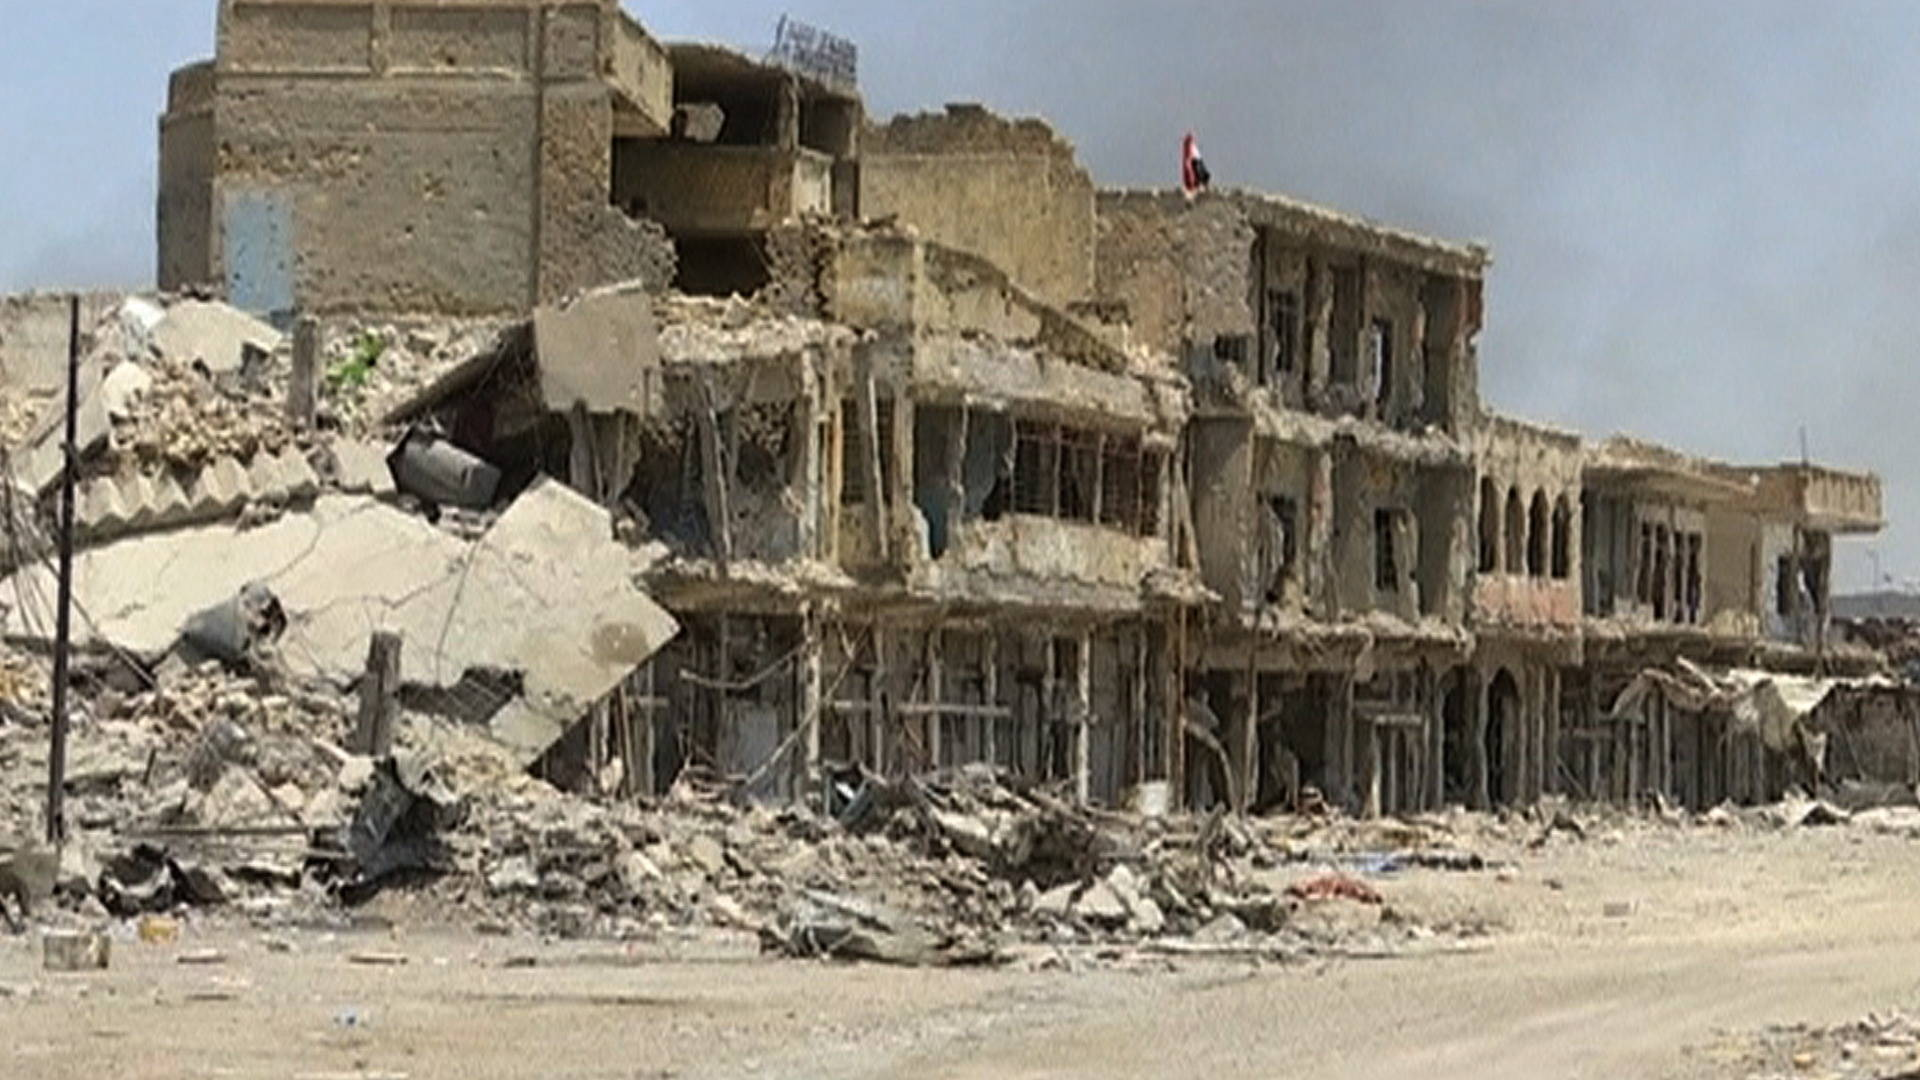 Τα καθεστωτικά ΜΜΕ κάνουν τα στραβά μάτια στο αμερικανικό μακελειό κατά την απελευθέρωση της Μοσούλης